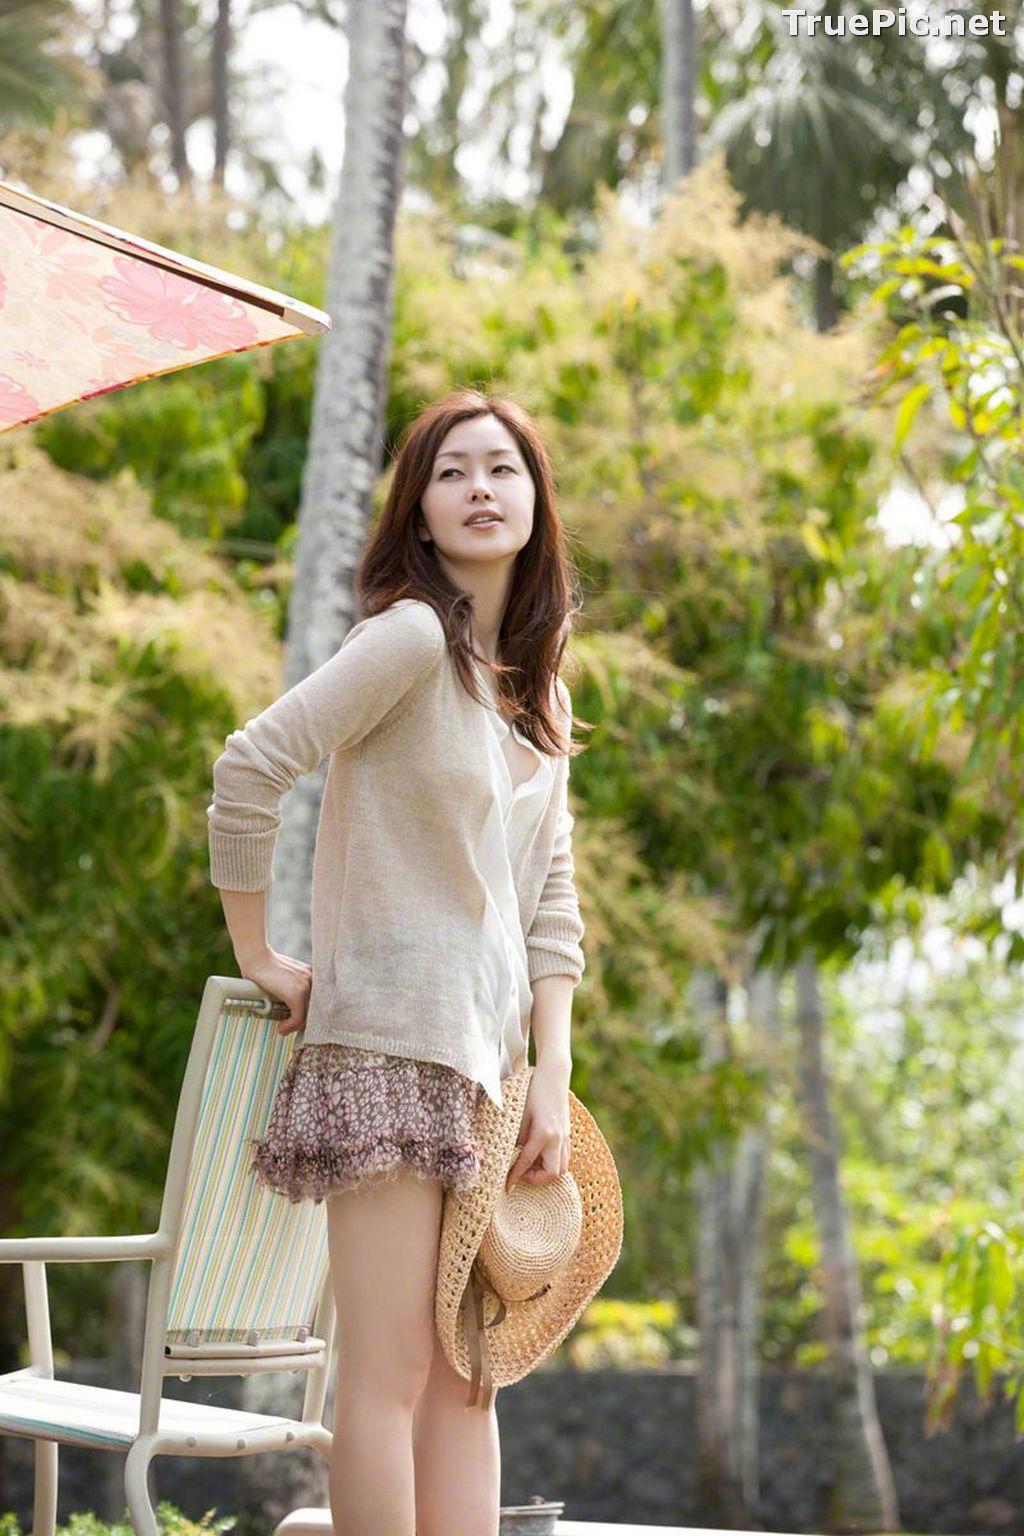 Image Wanibooks No.138 – Japanese Actress and Model – Yuko Fueki - TruePic.net - Picture-1